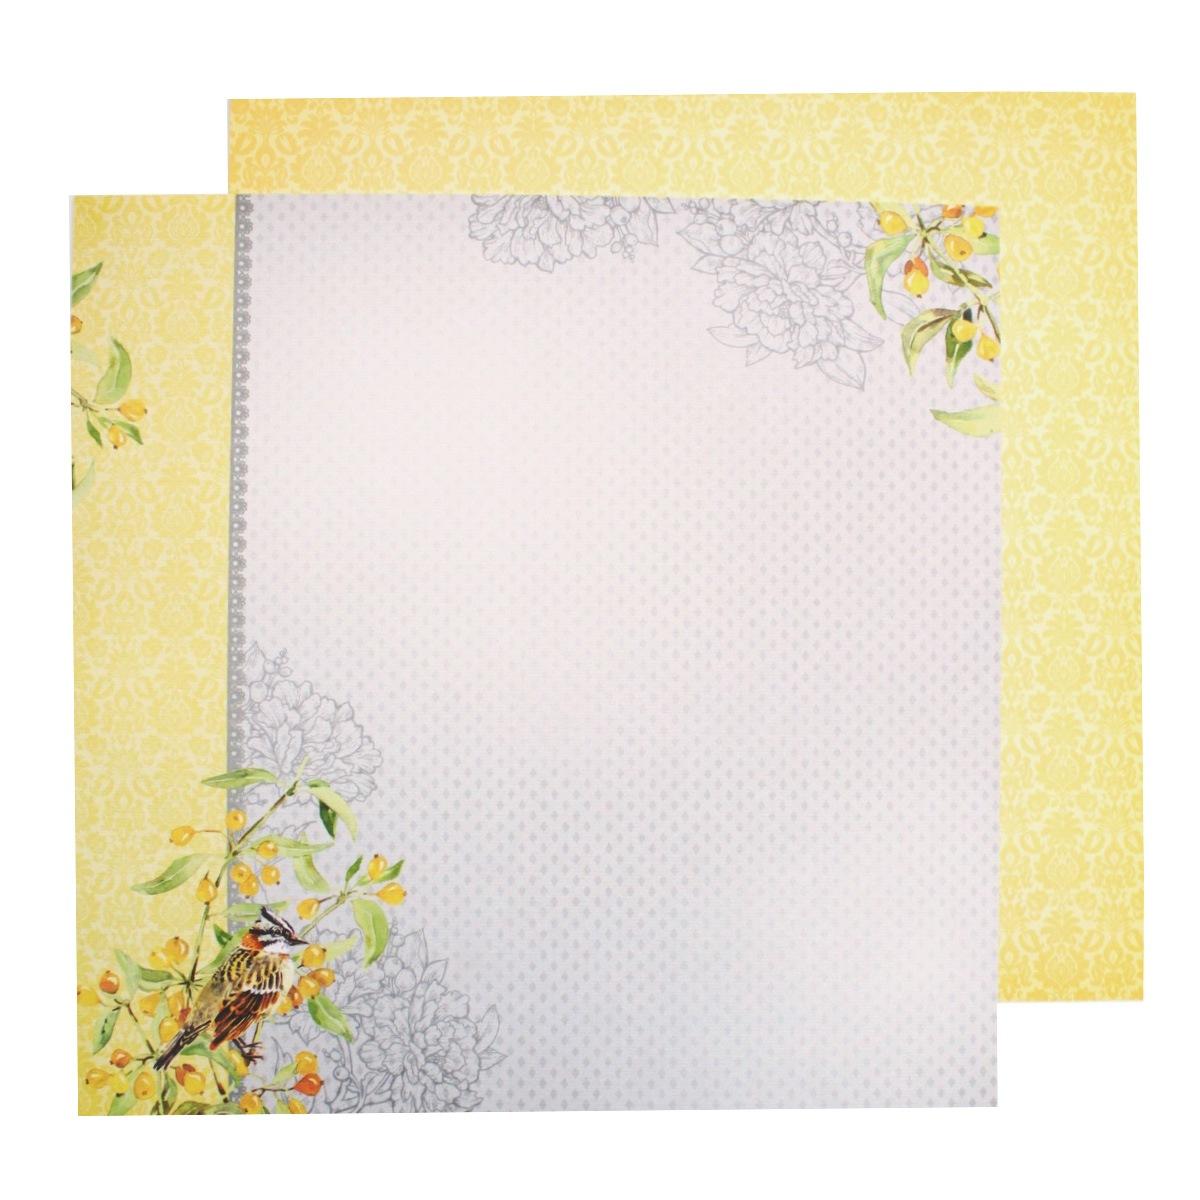 Бумага для скрапбукинга ScrapBerrys Разрисованная вуаль. Сады Фонтебло, двухсторонняя, 30,5 х 30,5 см, 10 листов. 497552497552